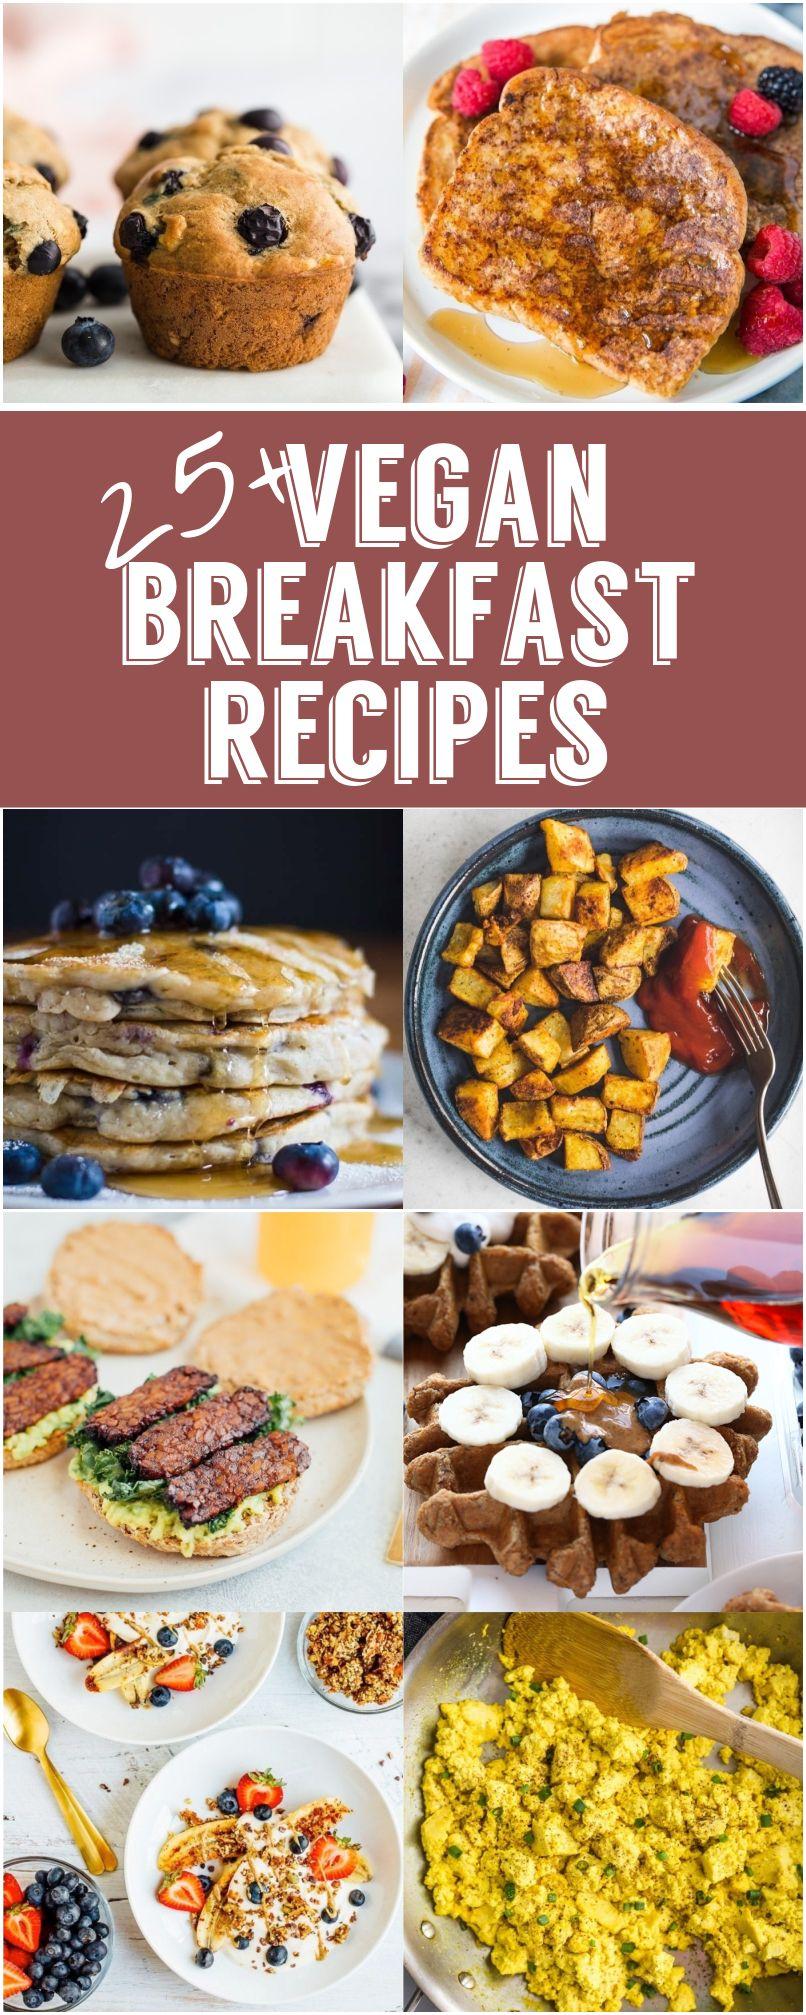 25 Delicious Vegan Breakfast Recipe Ideas Vegan